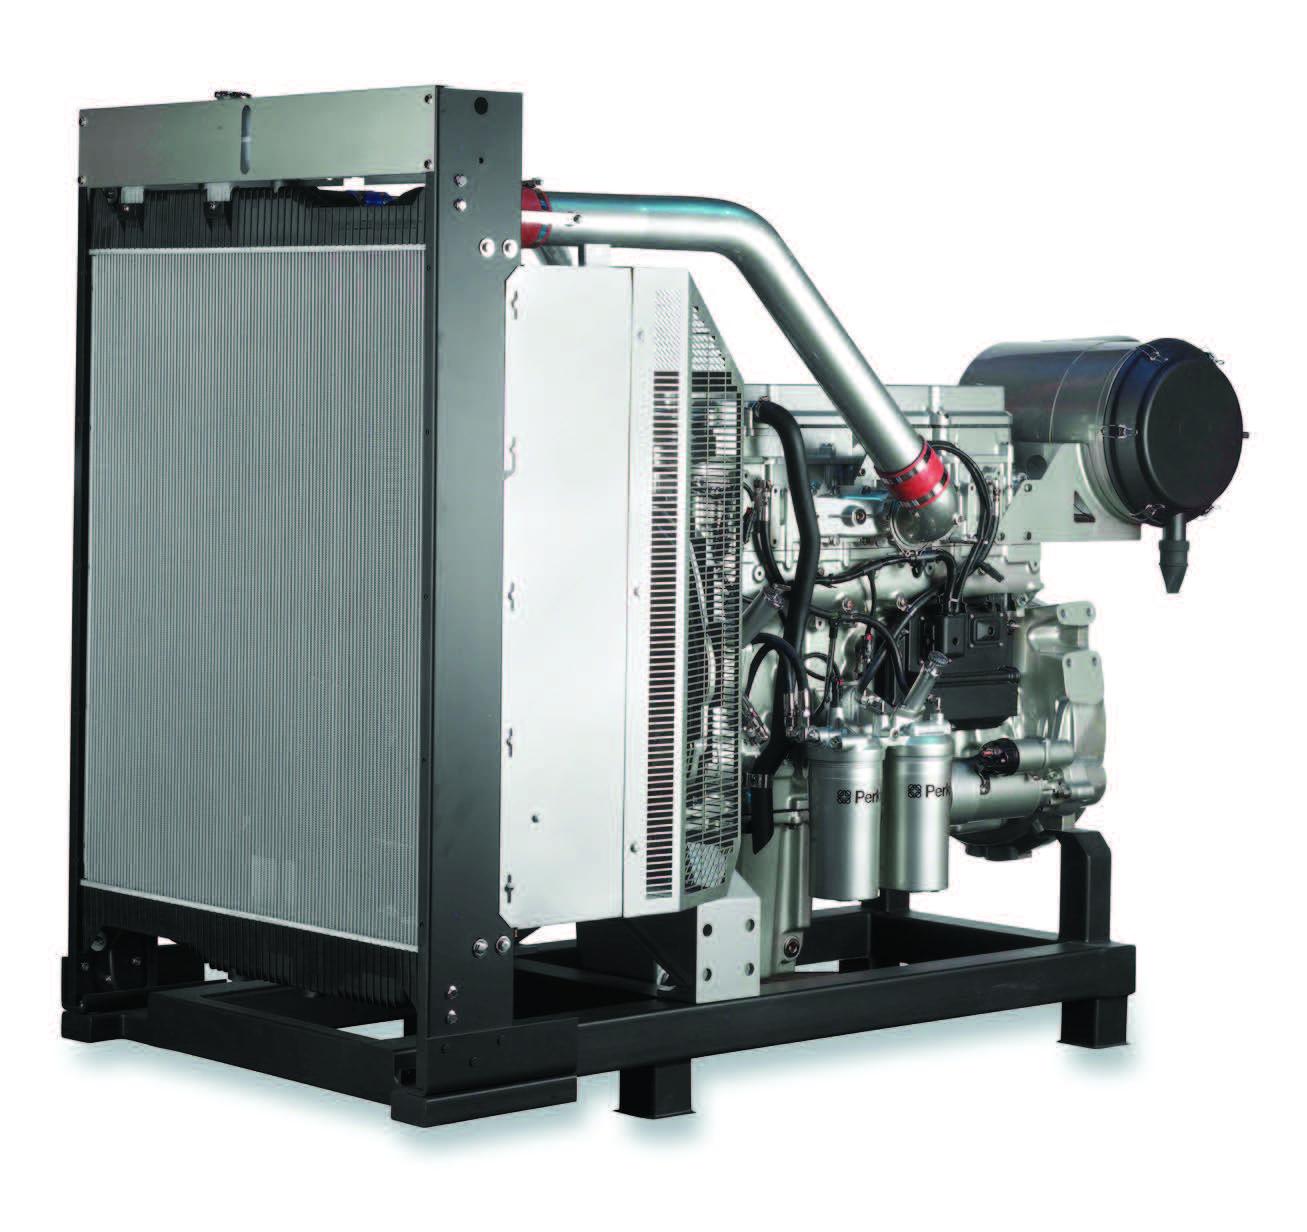 CKD: 2206A-E13TAG3 Diesel Engine – ElectropaK + HC444F